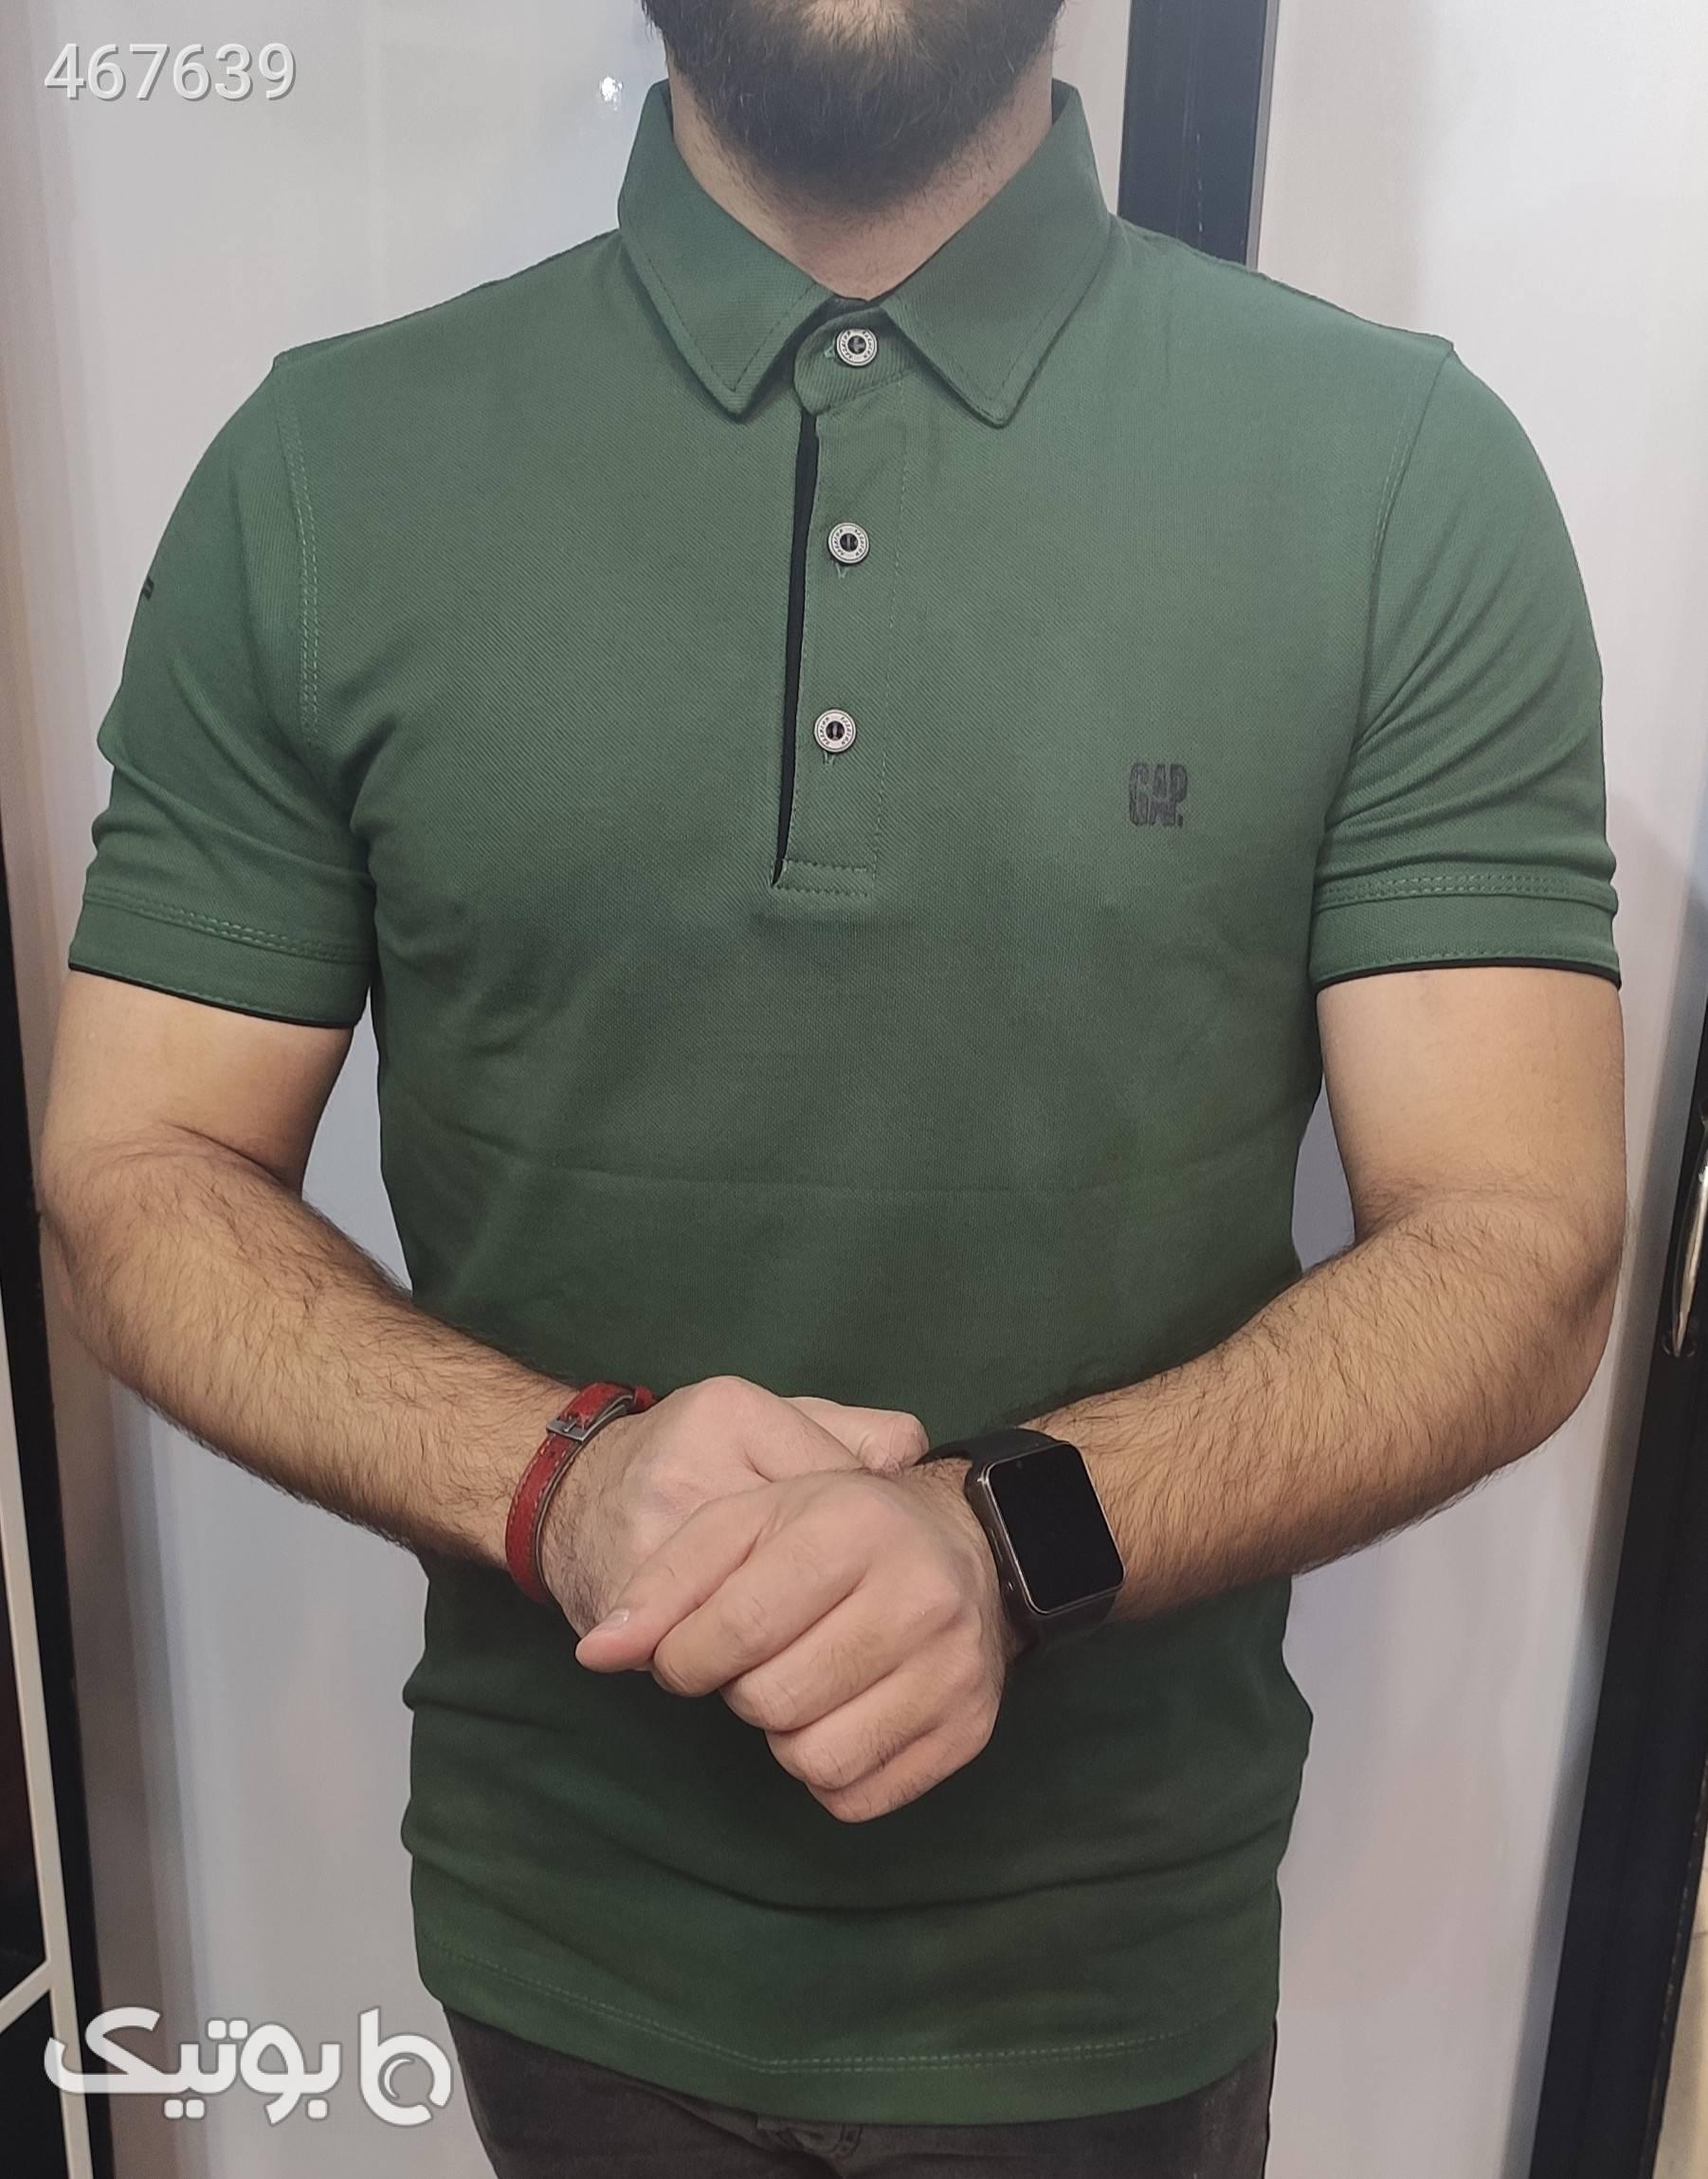 تیشرت یقه دار جودون مشکی تی شرت و پولو شرت مردانه